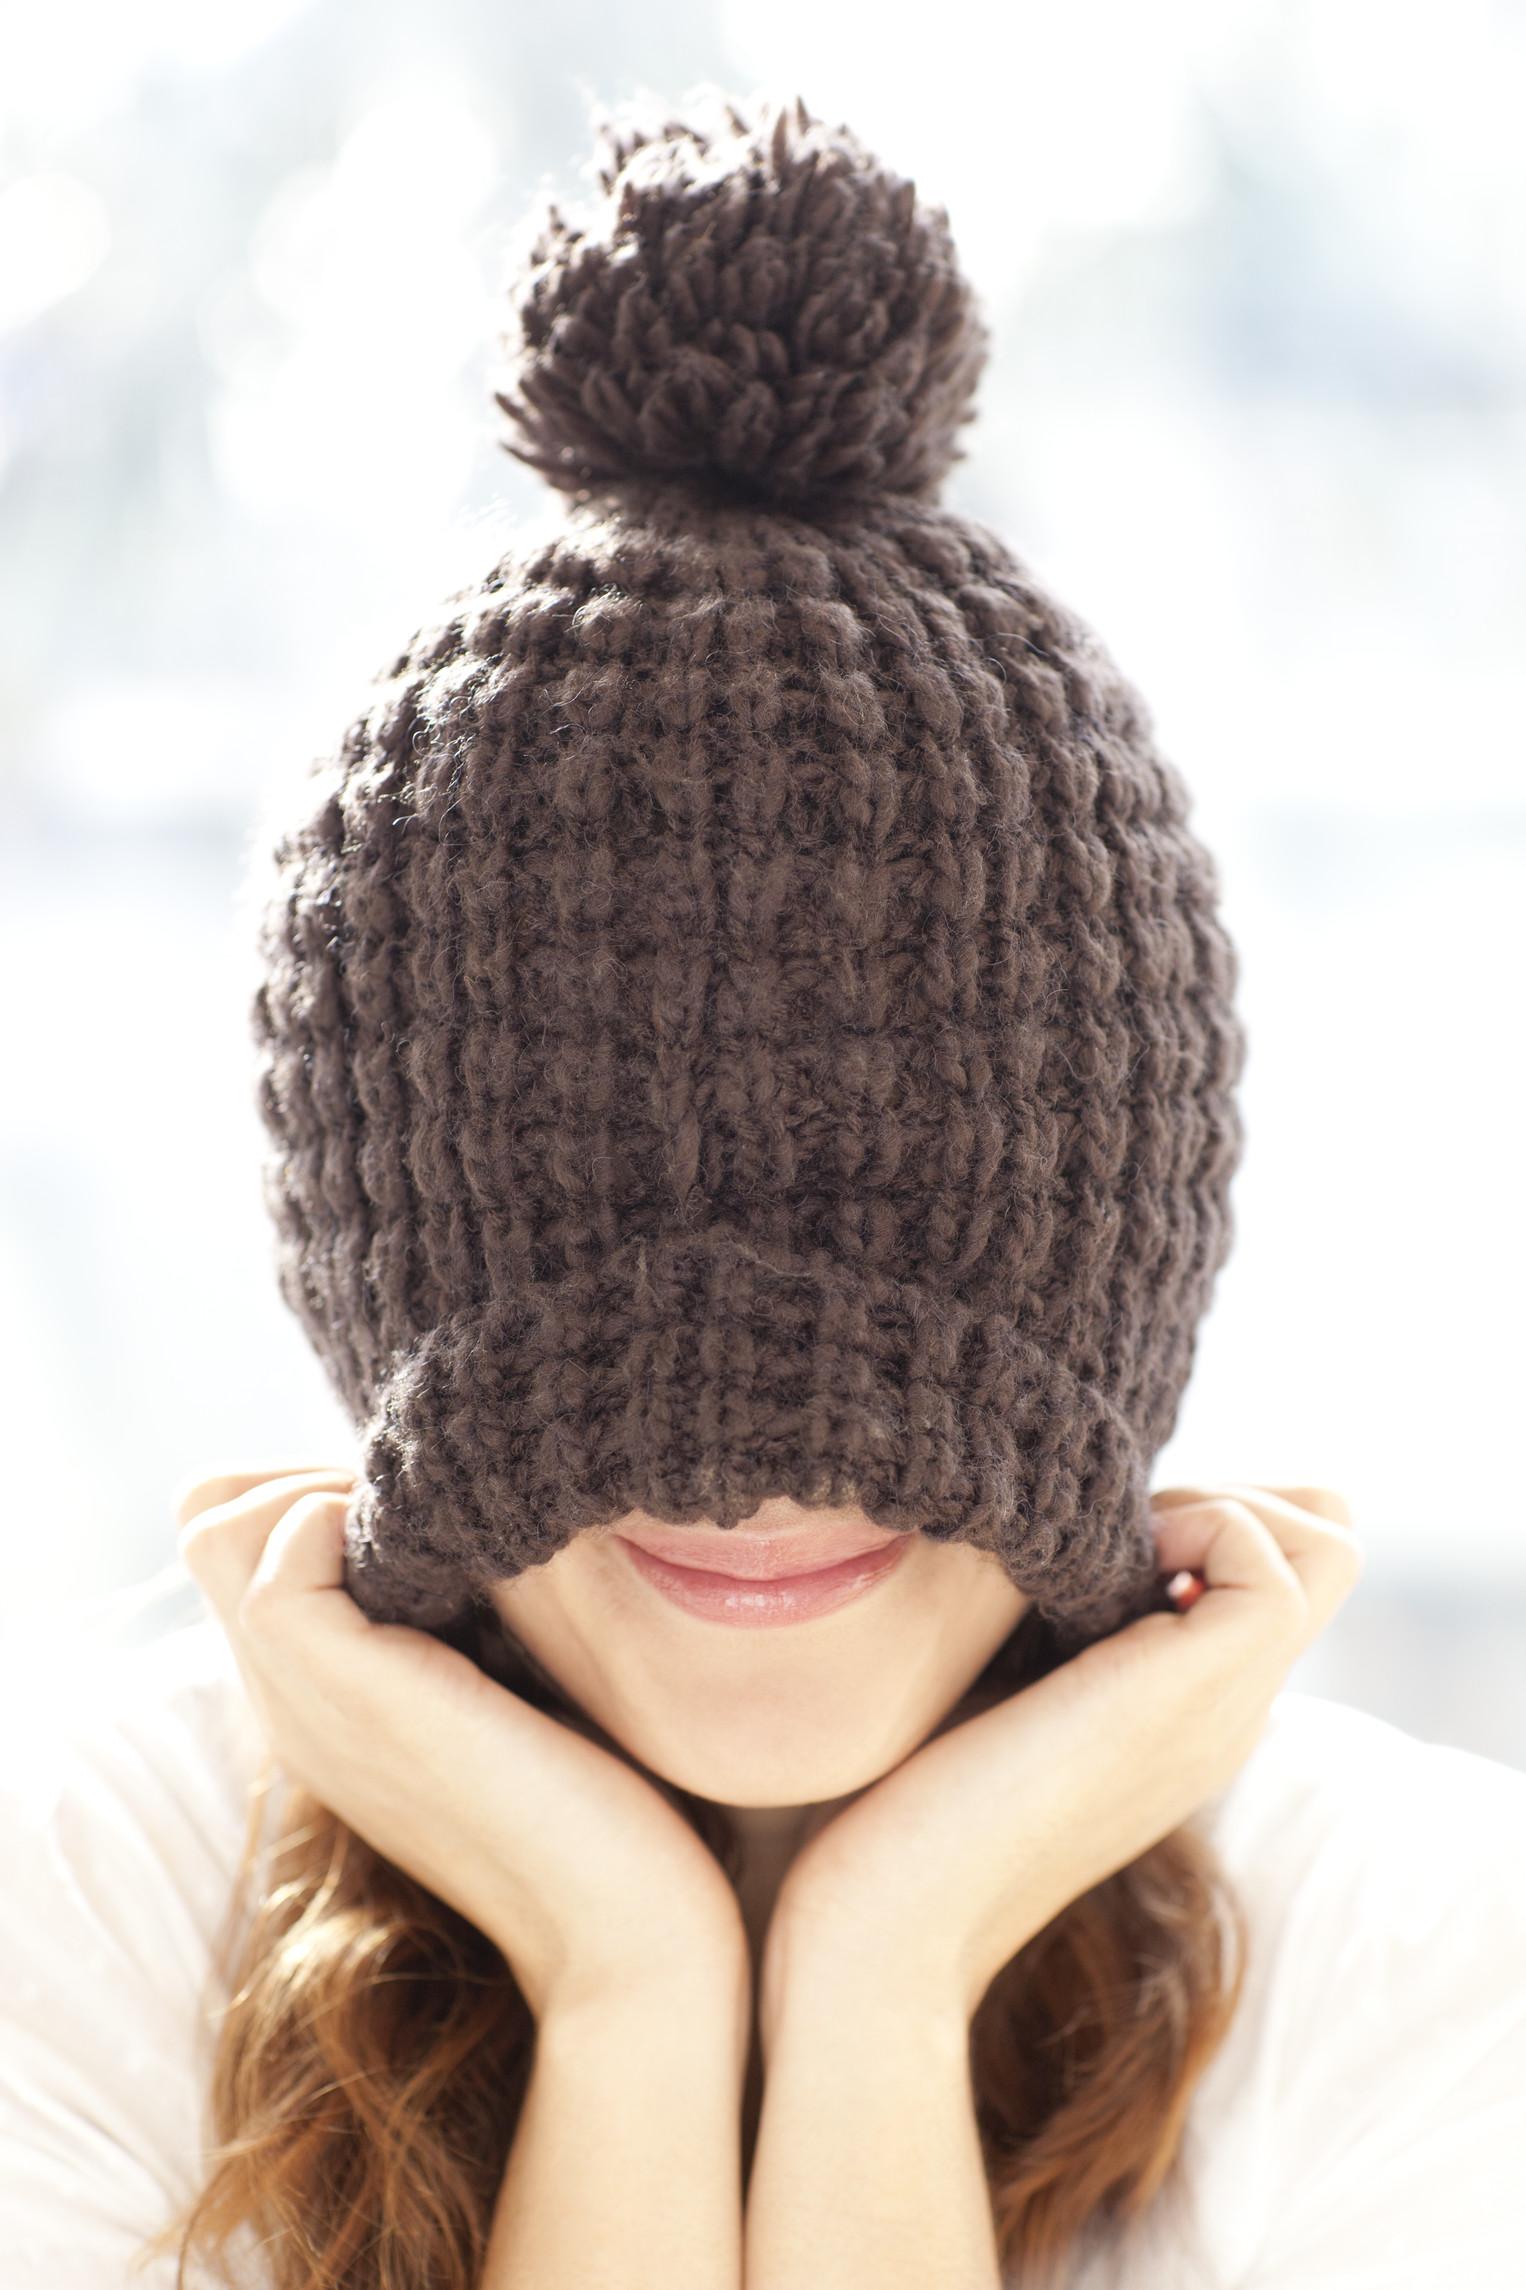 ТОП-6 шапок, не подходящих к пуховикам